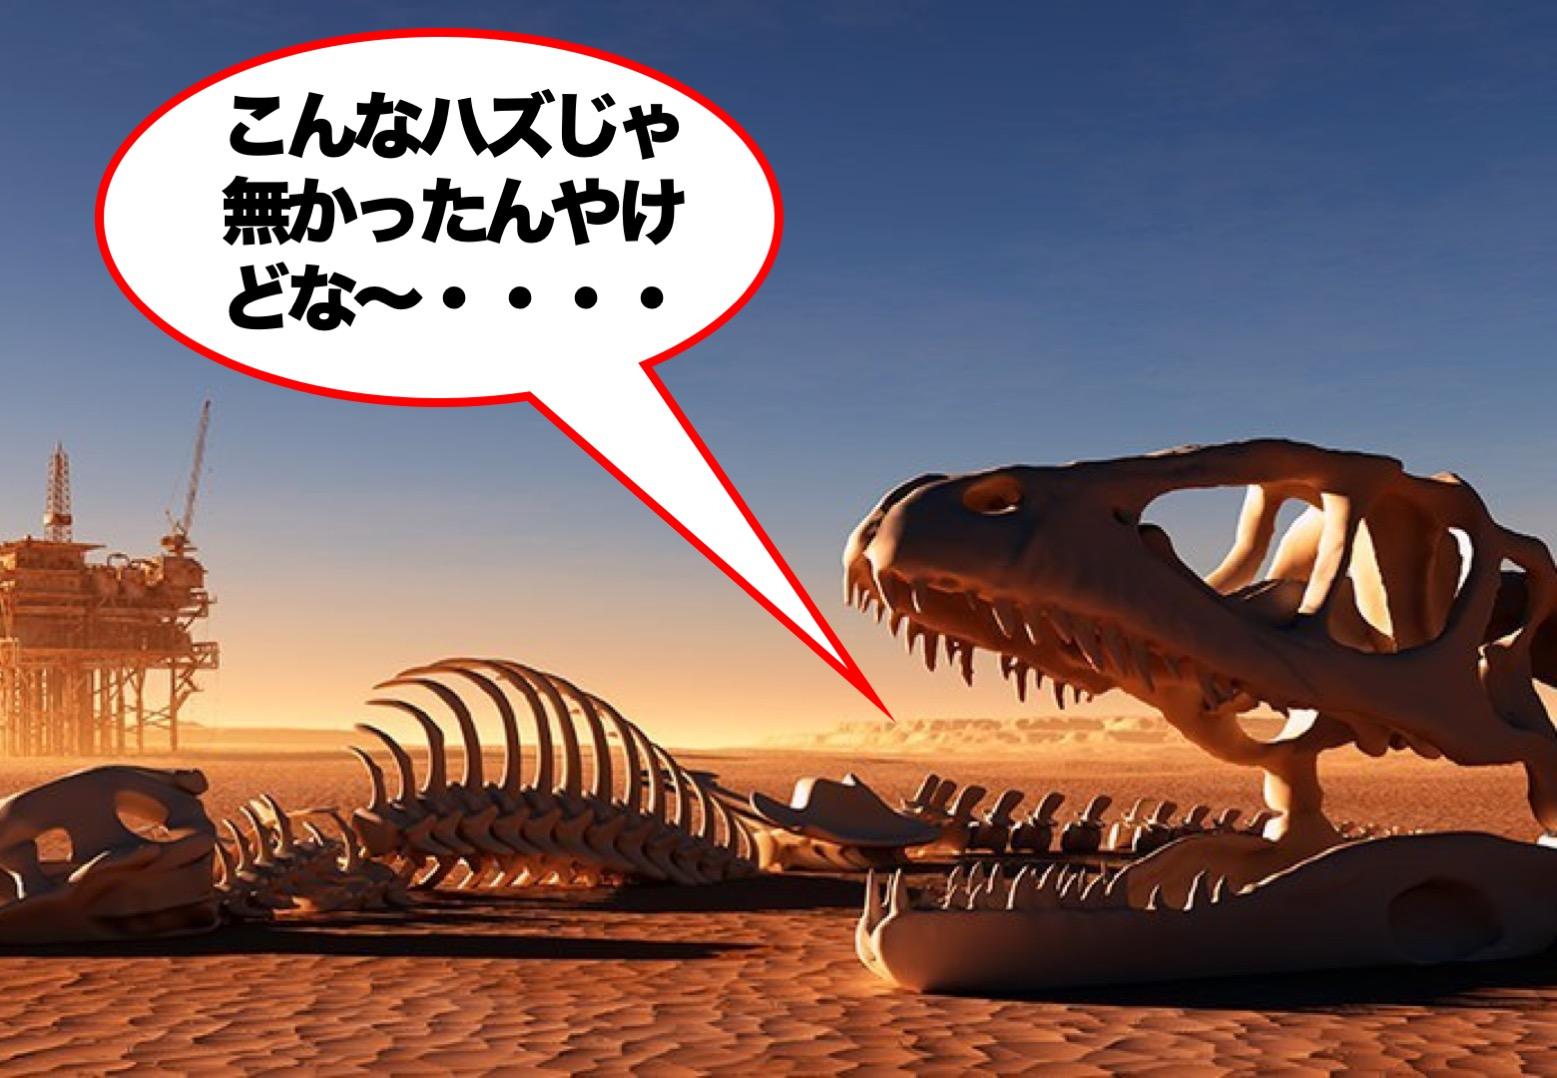 得かな損かな?.jpg